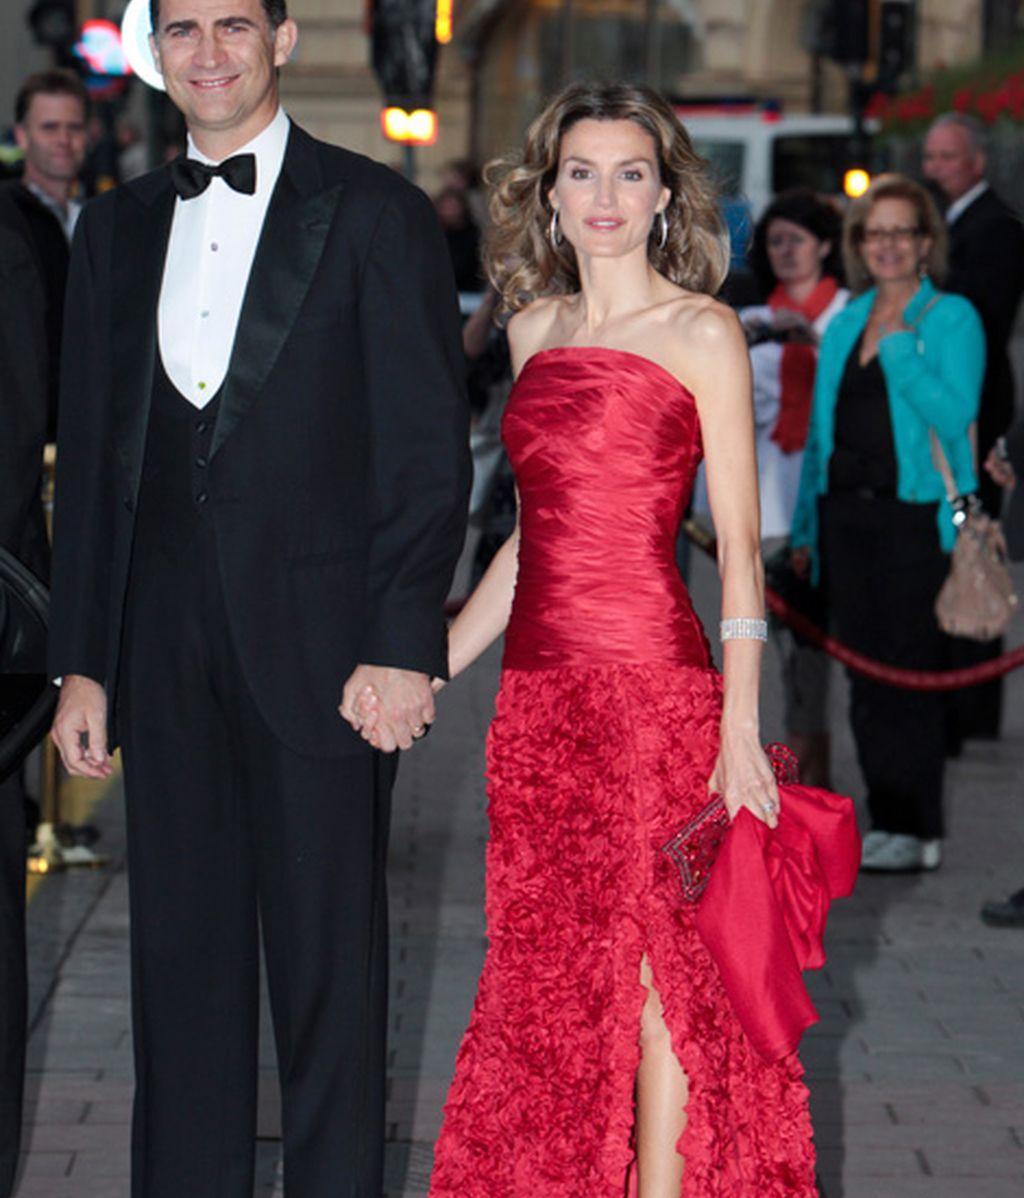 Cena de gala previa a la boda de Victoria de Suecia y Daniel Westling (junio de 2010)